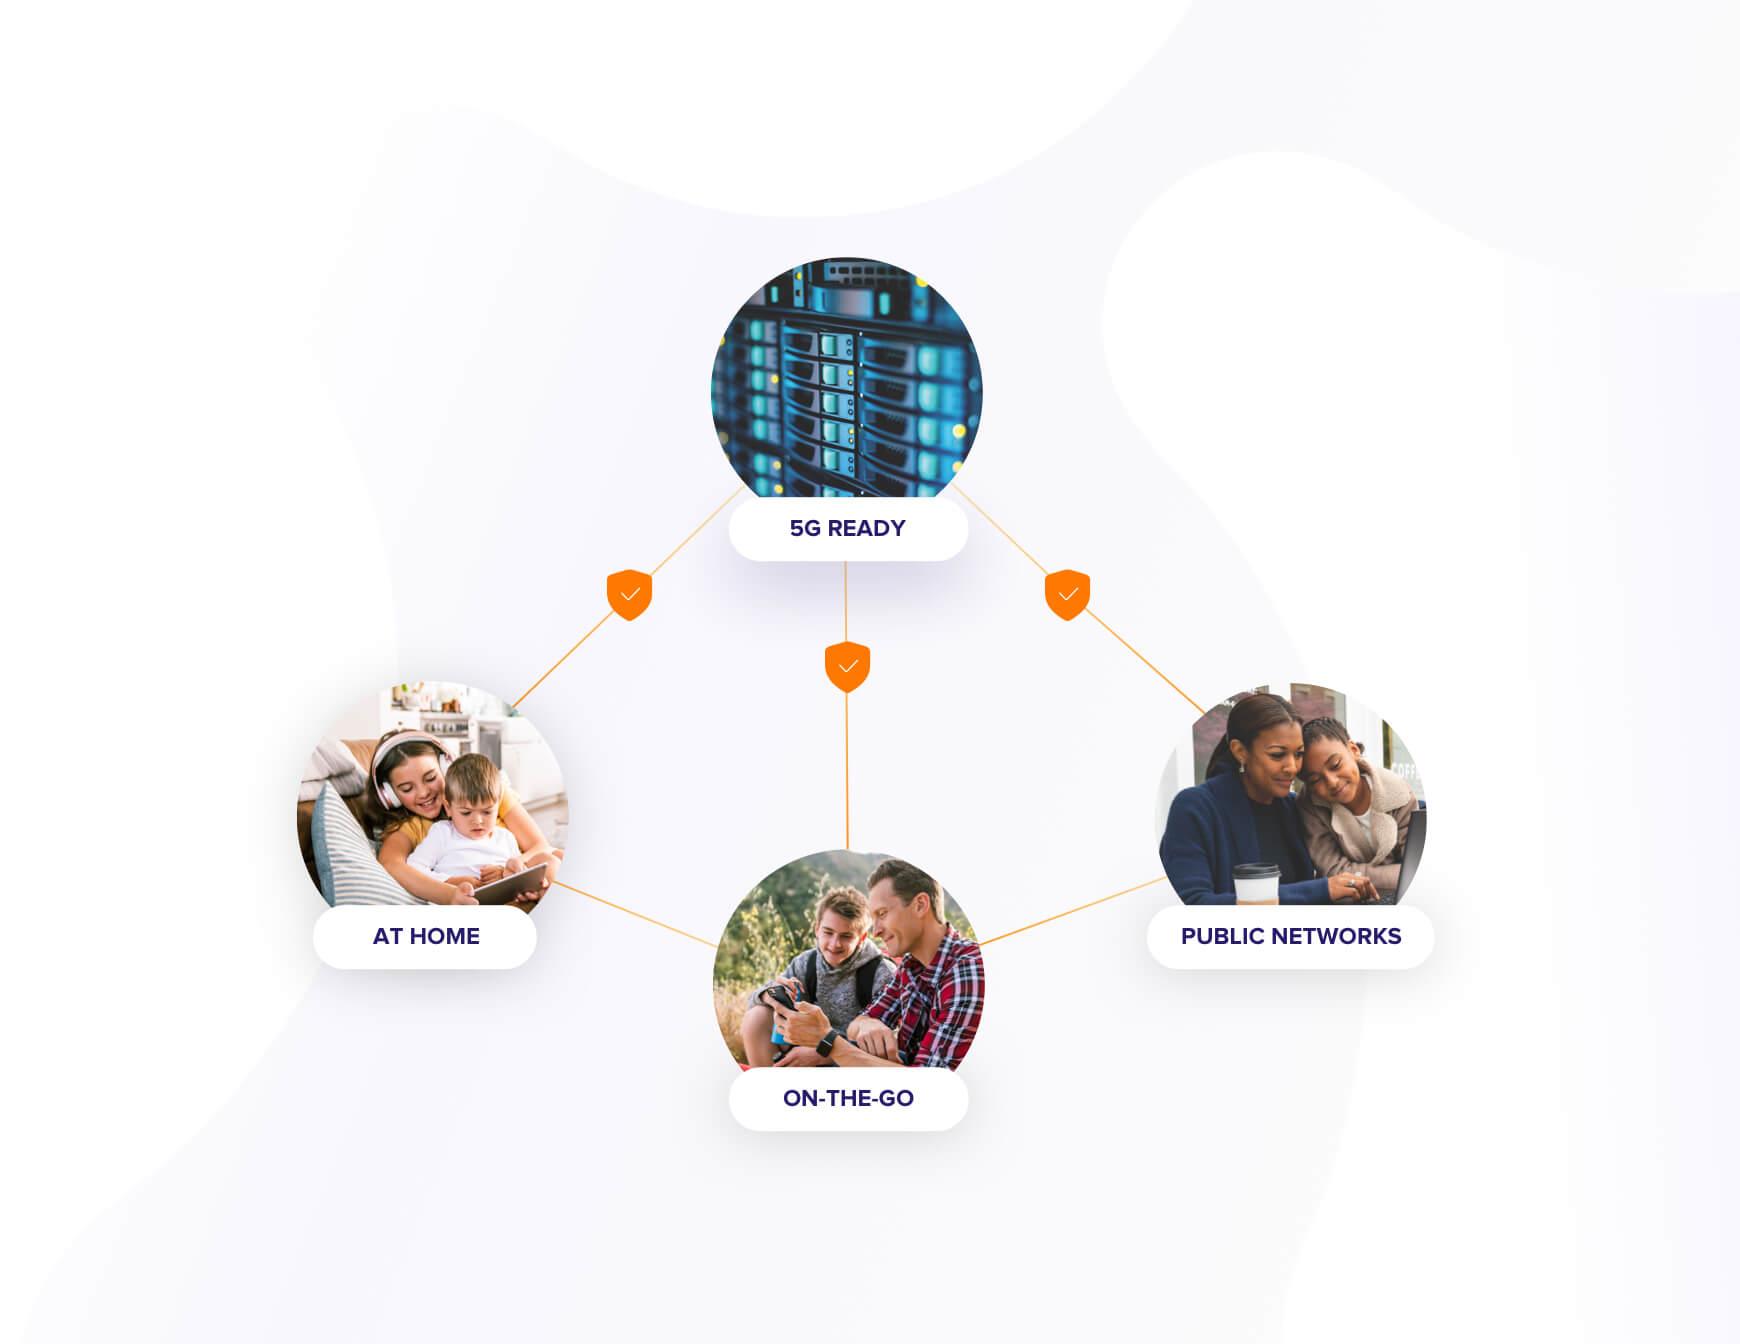 Комплексные решения для защиты всей цифровой жизни пользователей